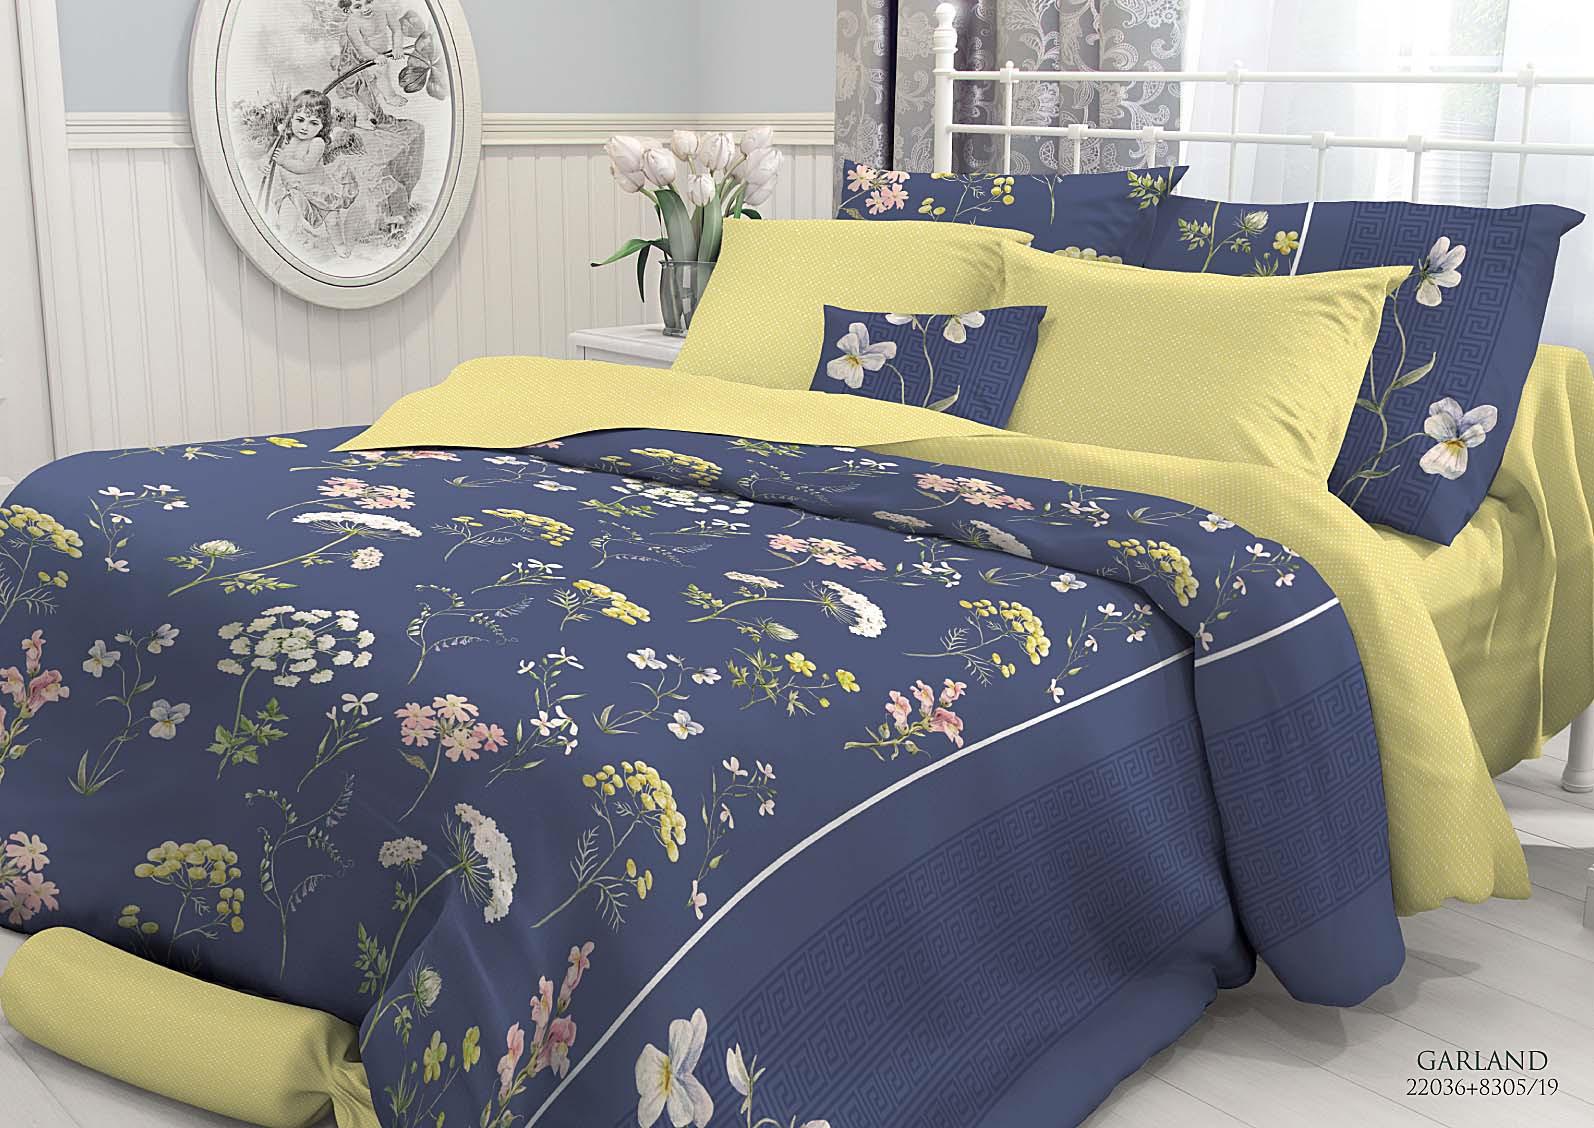 Фото - Комплект белья Verossa Garland, 2-спальный, наволочки 50x70 комплект белья verossa violet 1 5 спальный наволочки 50x70